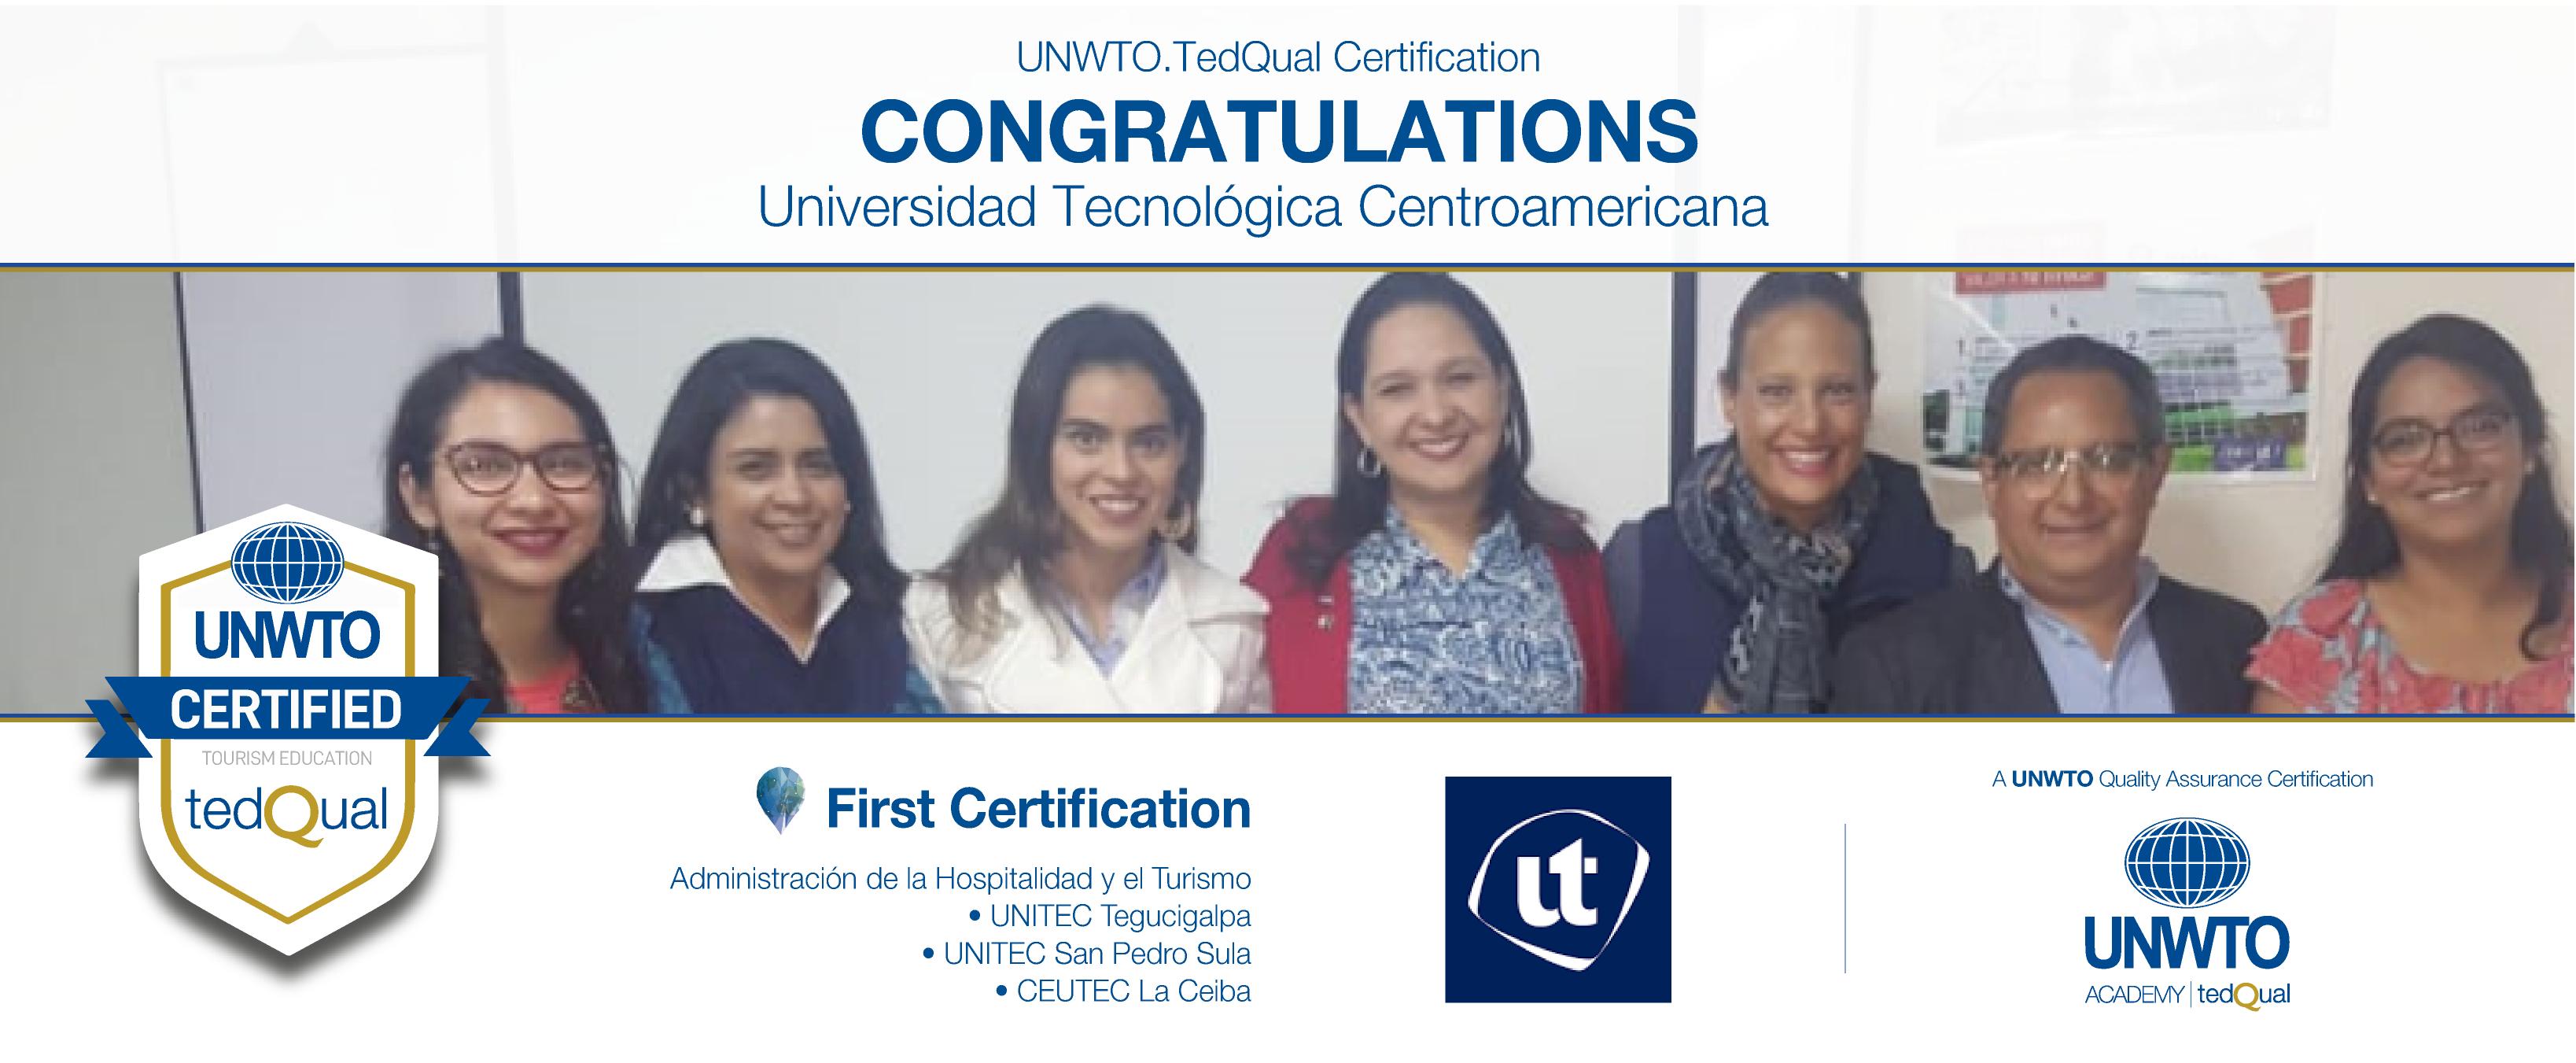 Universidad Tecnológica Centroamericana